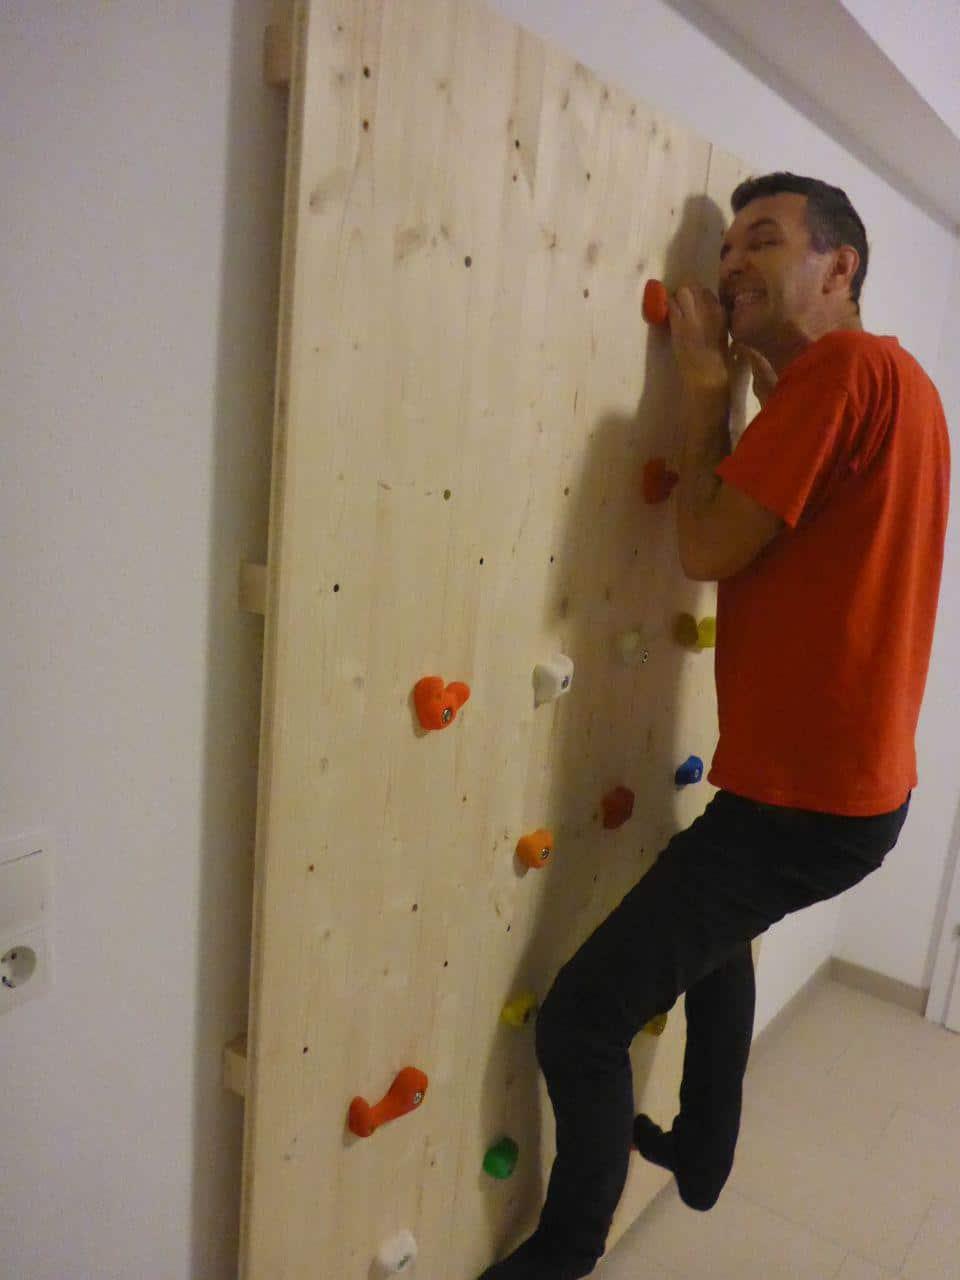 Kletterwand für den Nachwuchs – Heimwerkerprojekt für verregnete Tage